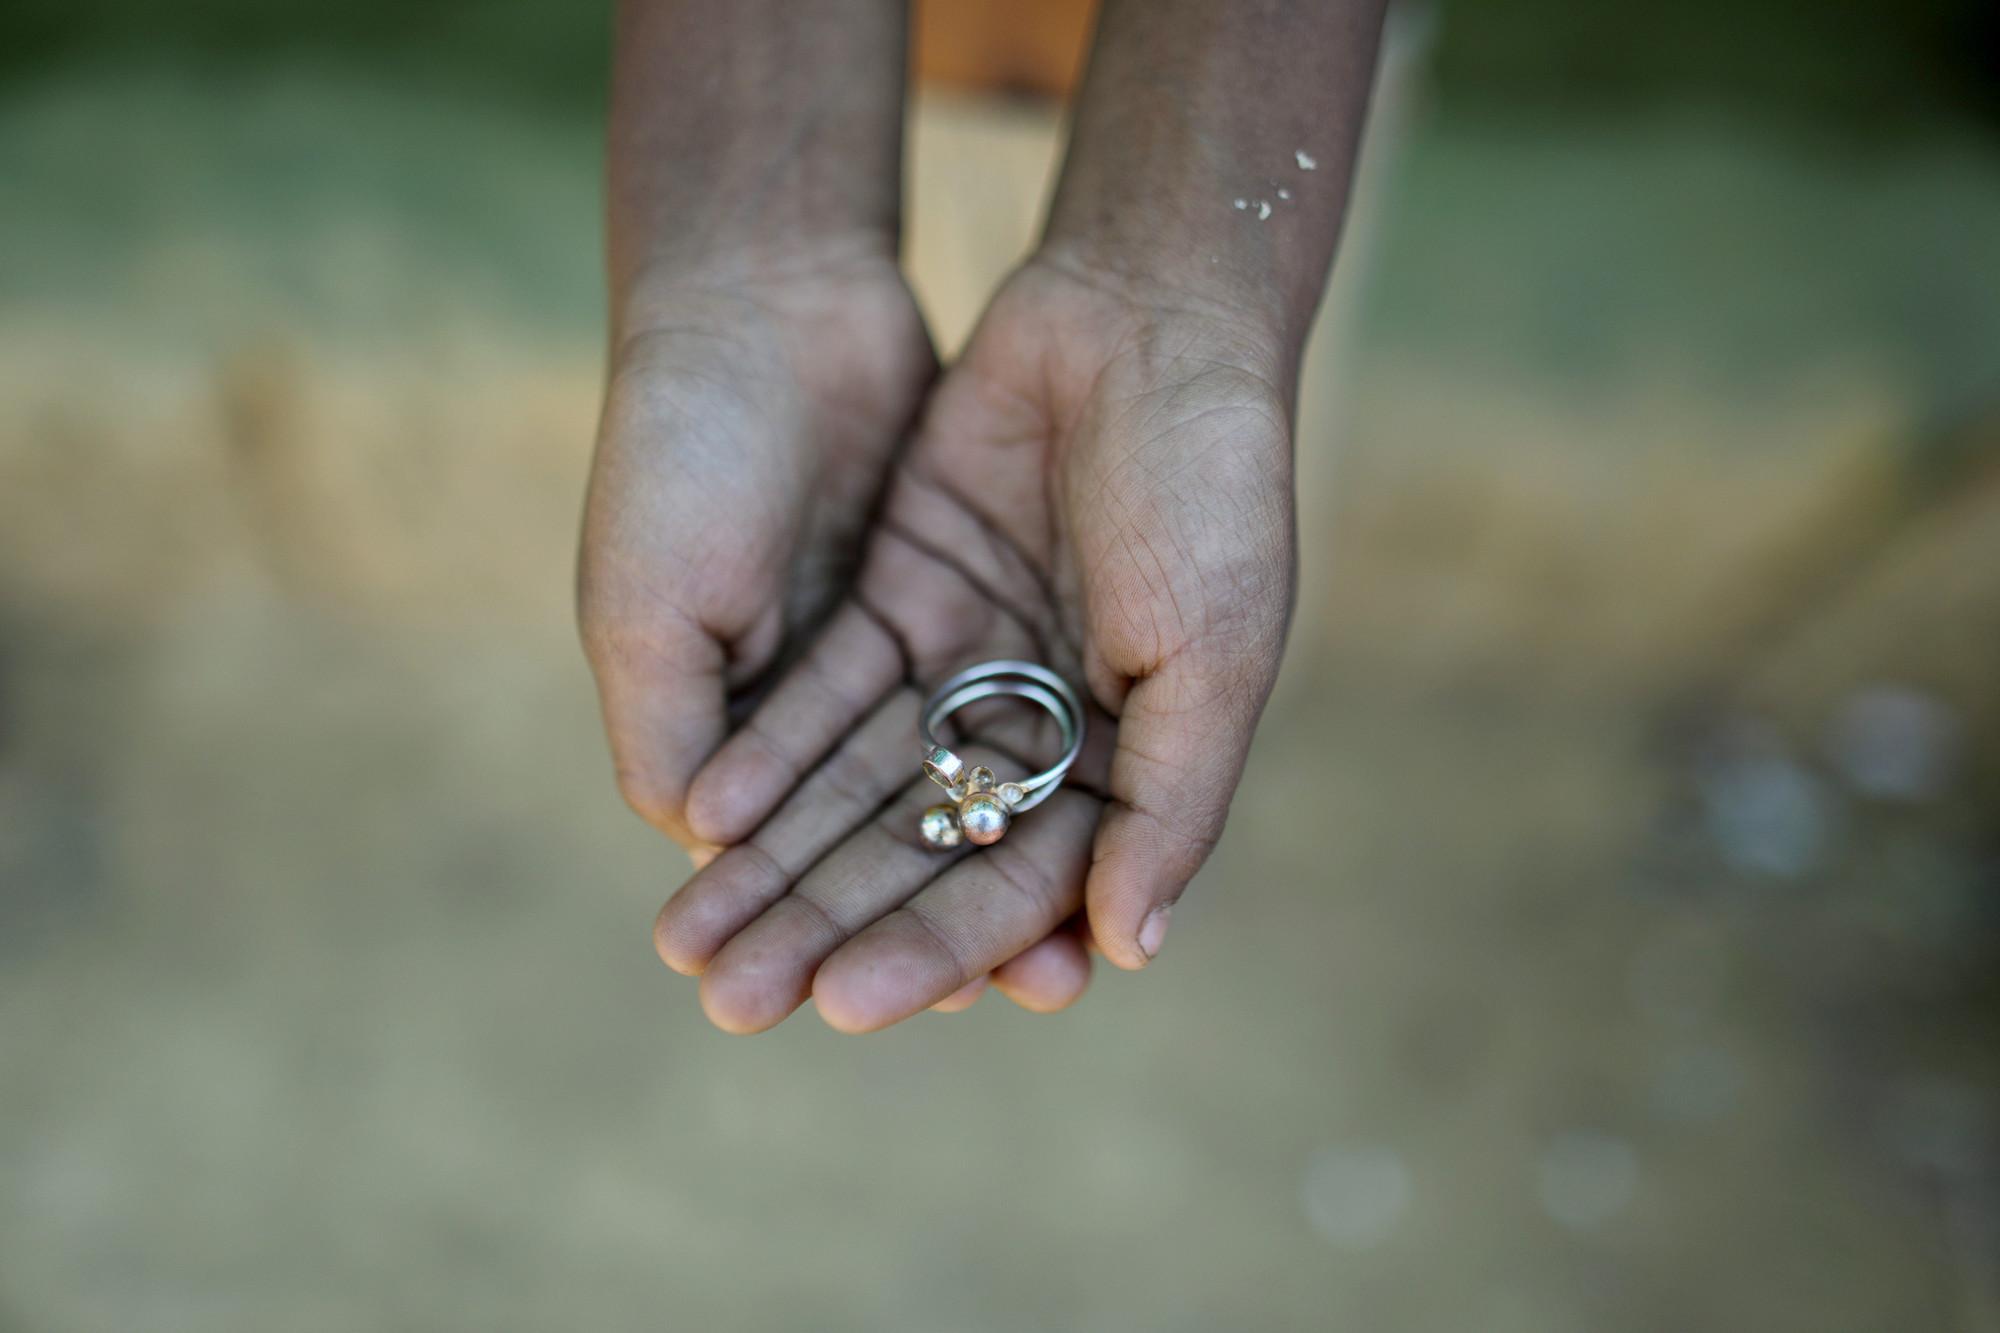 Jasia está feliz. Encontró un anillo perdido. Pero ella no quiere casarse pronto.